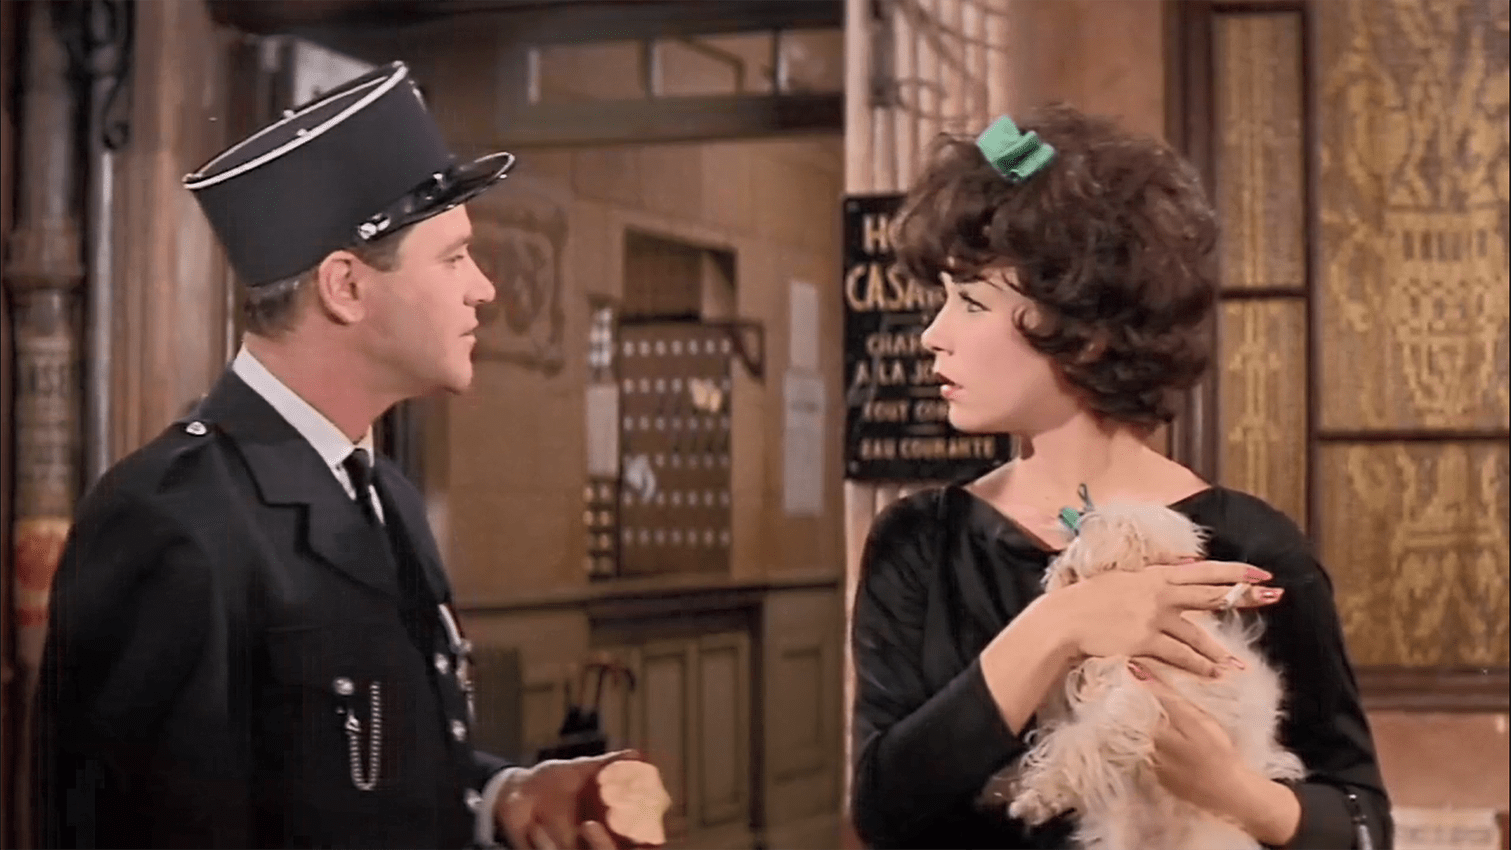 بهترین فیلم های کلاسیک| فیلم Irma la Douce 1963